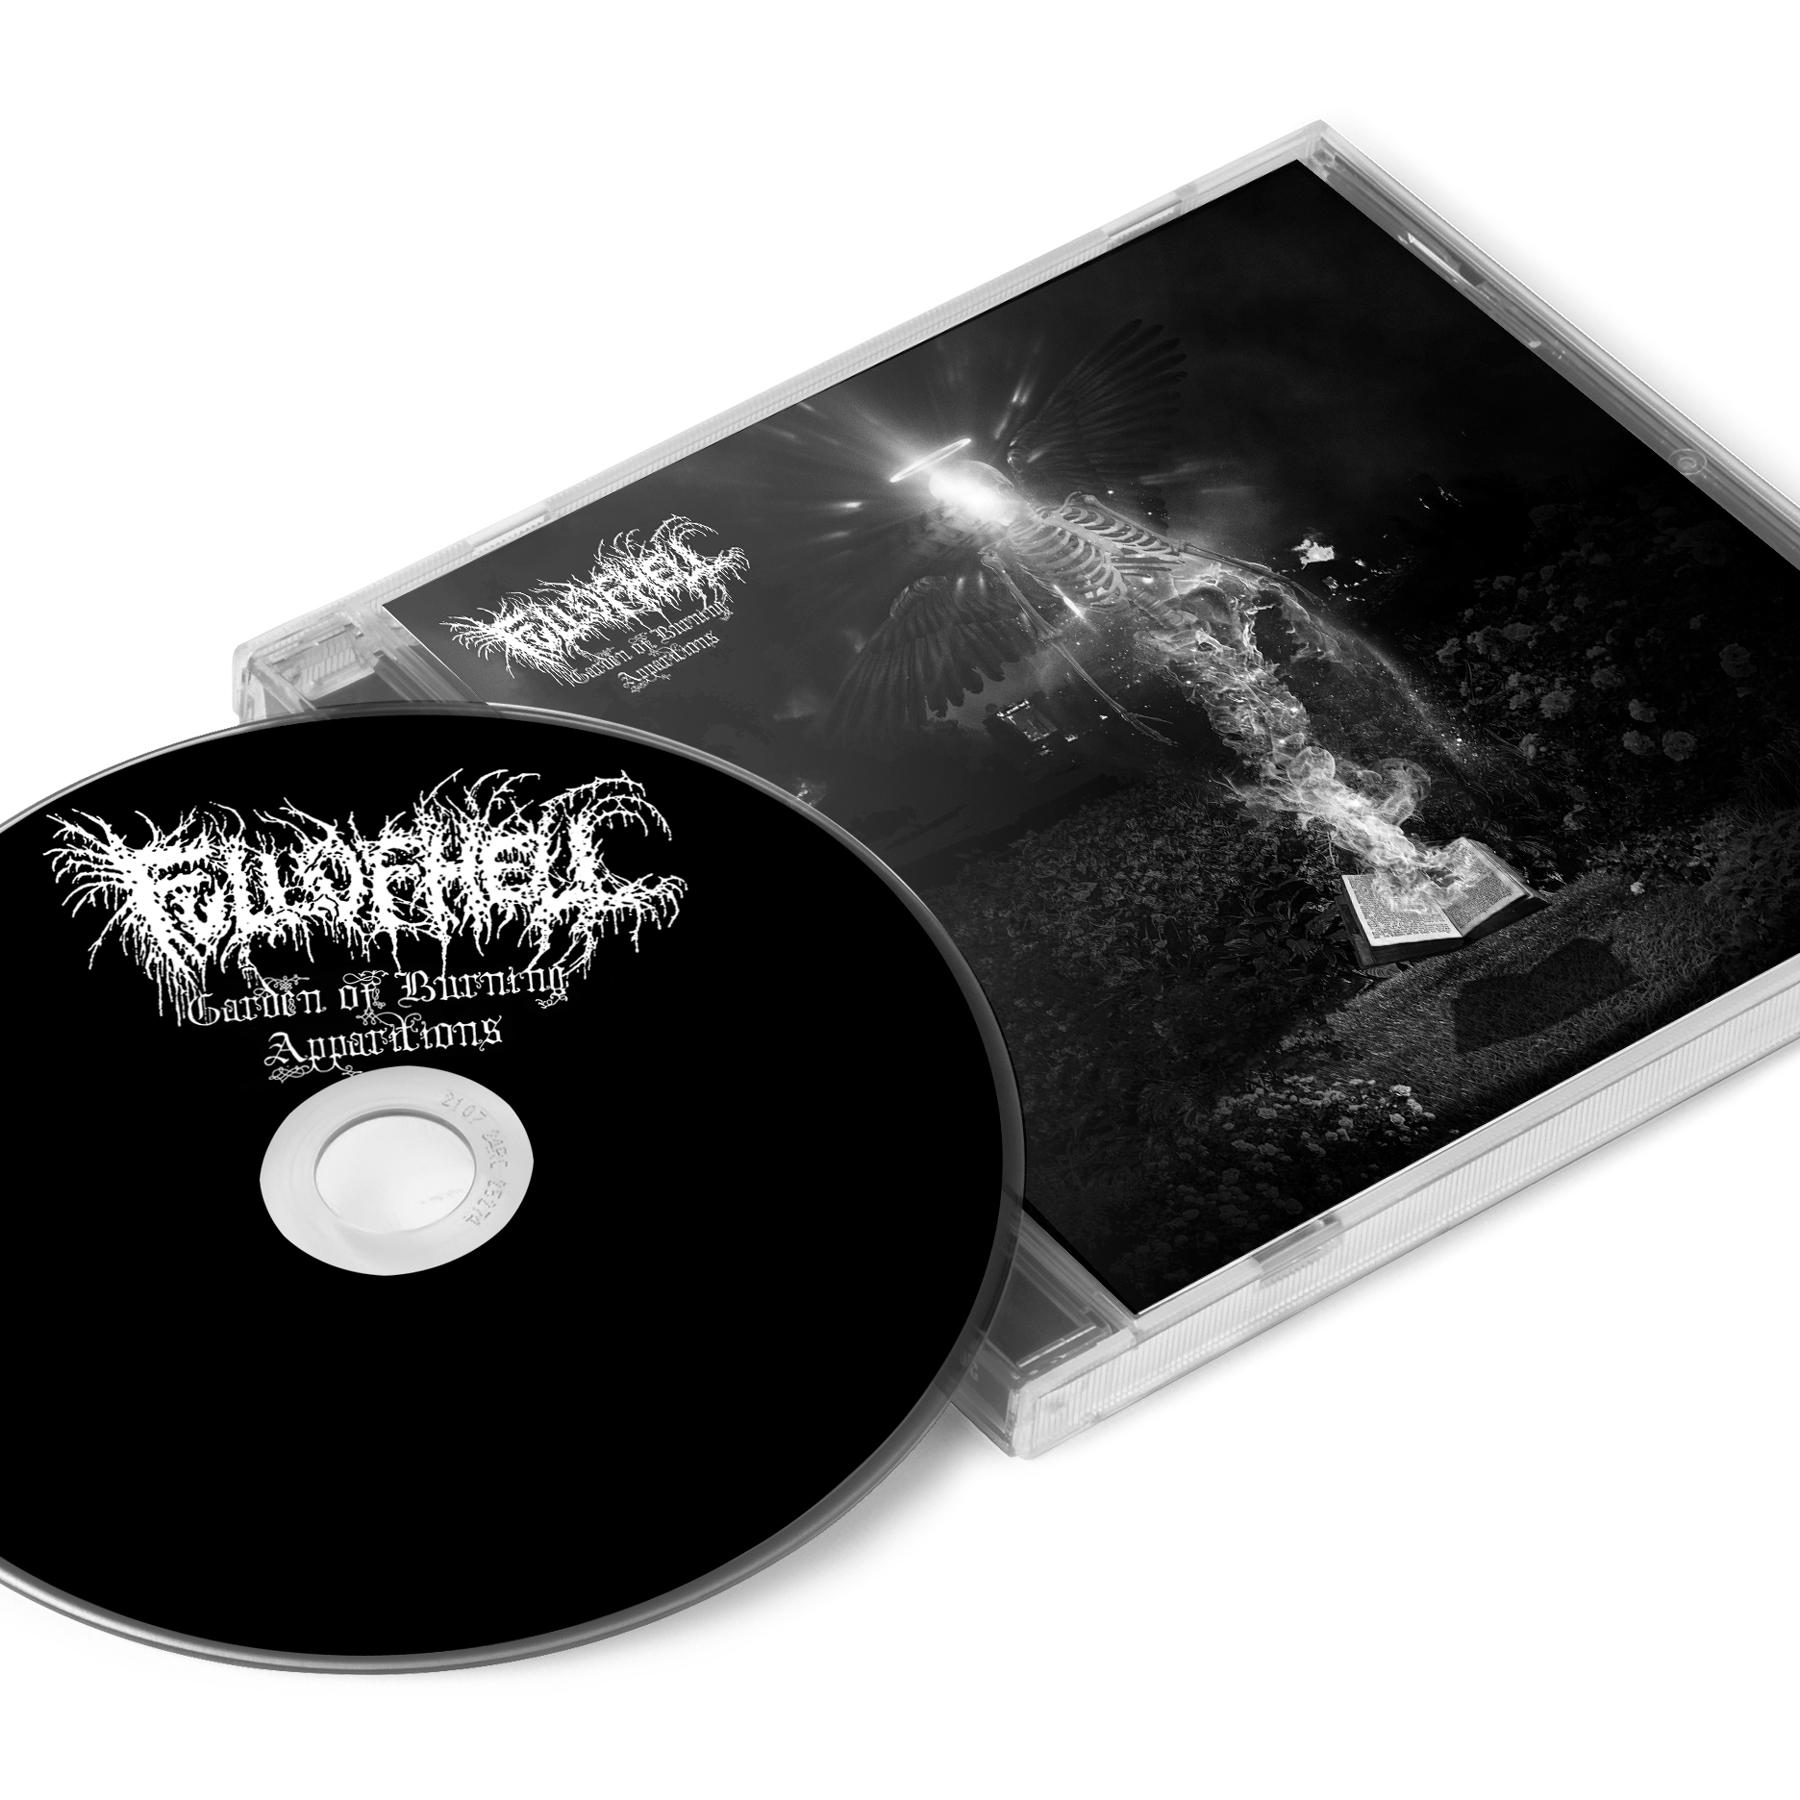 Garden of Burning Apparitions Zip Up Hoodie + CD Bundle